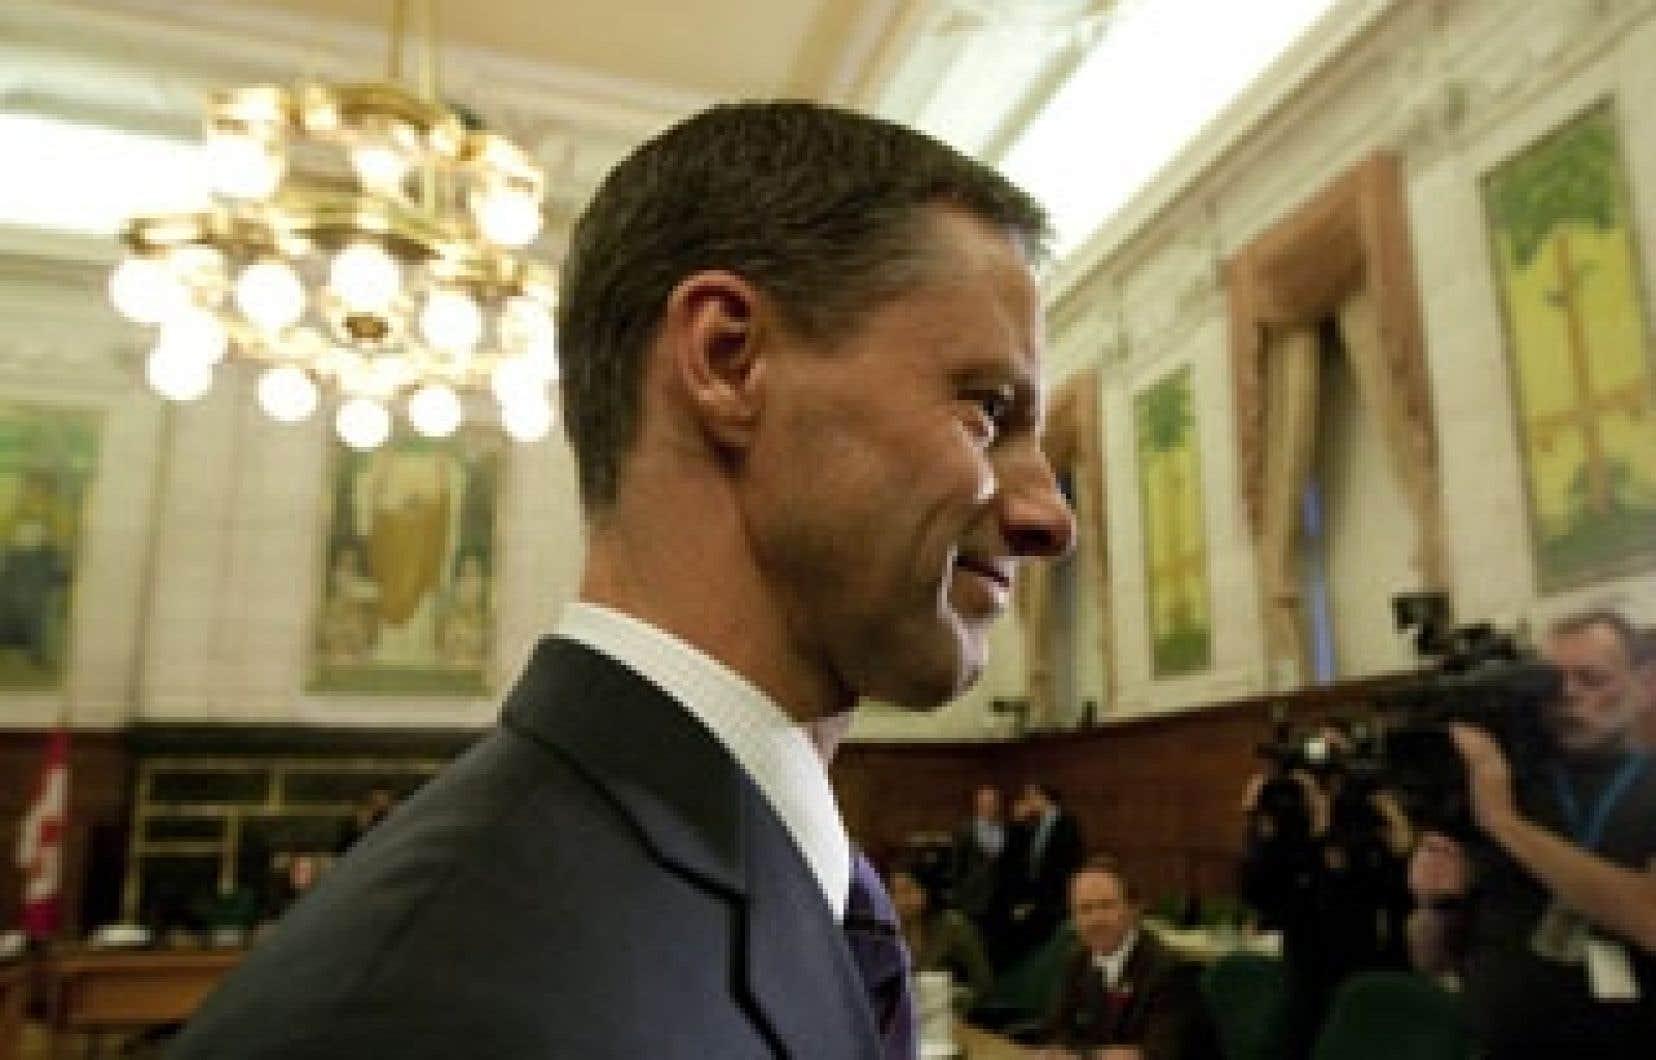 Dans le cadre de ses fonctions, Nigel Wright a versé à Mike Duffy un montant de 90 000 $ afin que ce dernier puisse retourner au Sénat les indemnités qu'il avait touchées à tort et que la Chambre haute lui demandait de rembourser. M. Duffy était alors sénateur conservateur.